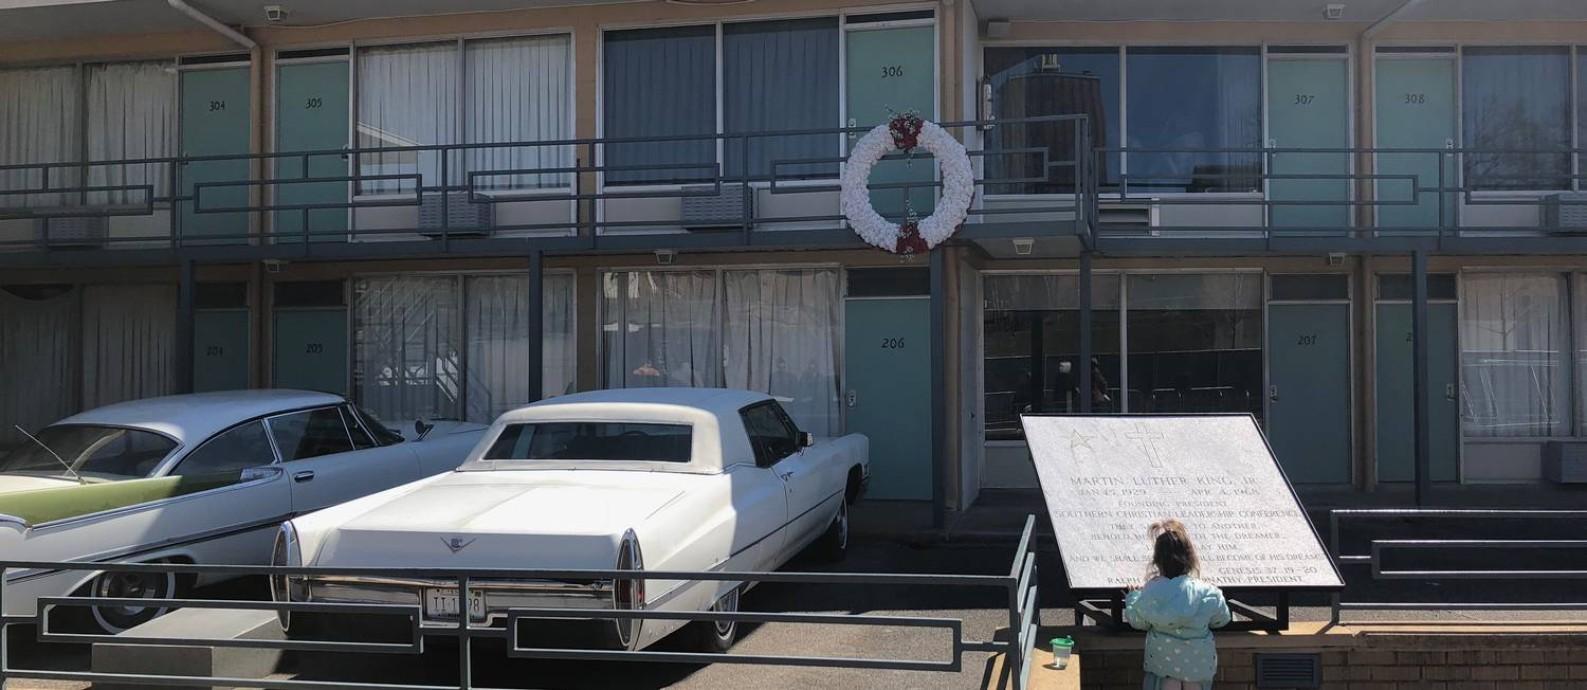 Menina visita o Lorraine Motel, onde Luther King foi assassinado e que hoje abriga o Museu dos Direitos Civis Foto: Henrique Gomes Batista